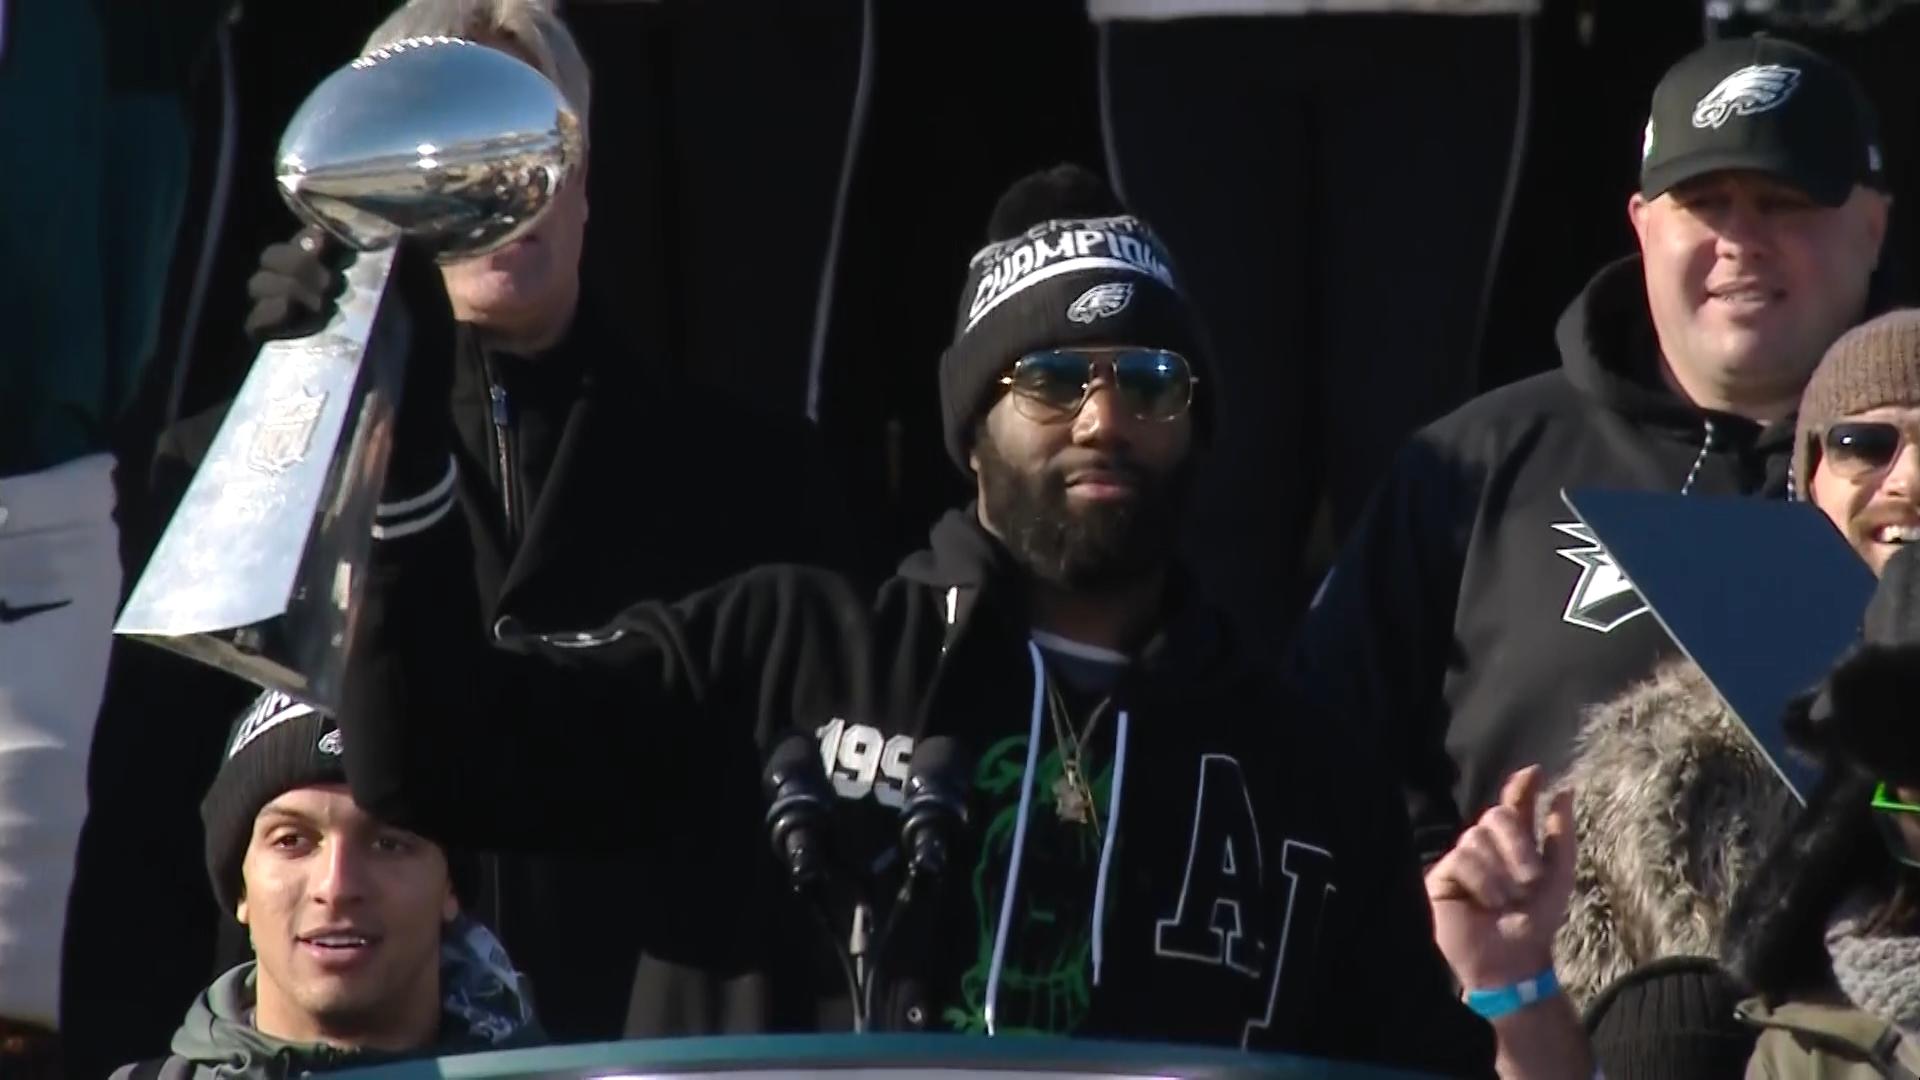 Eagles Fans Celebrate A Title